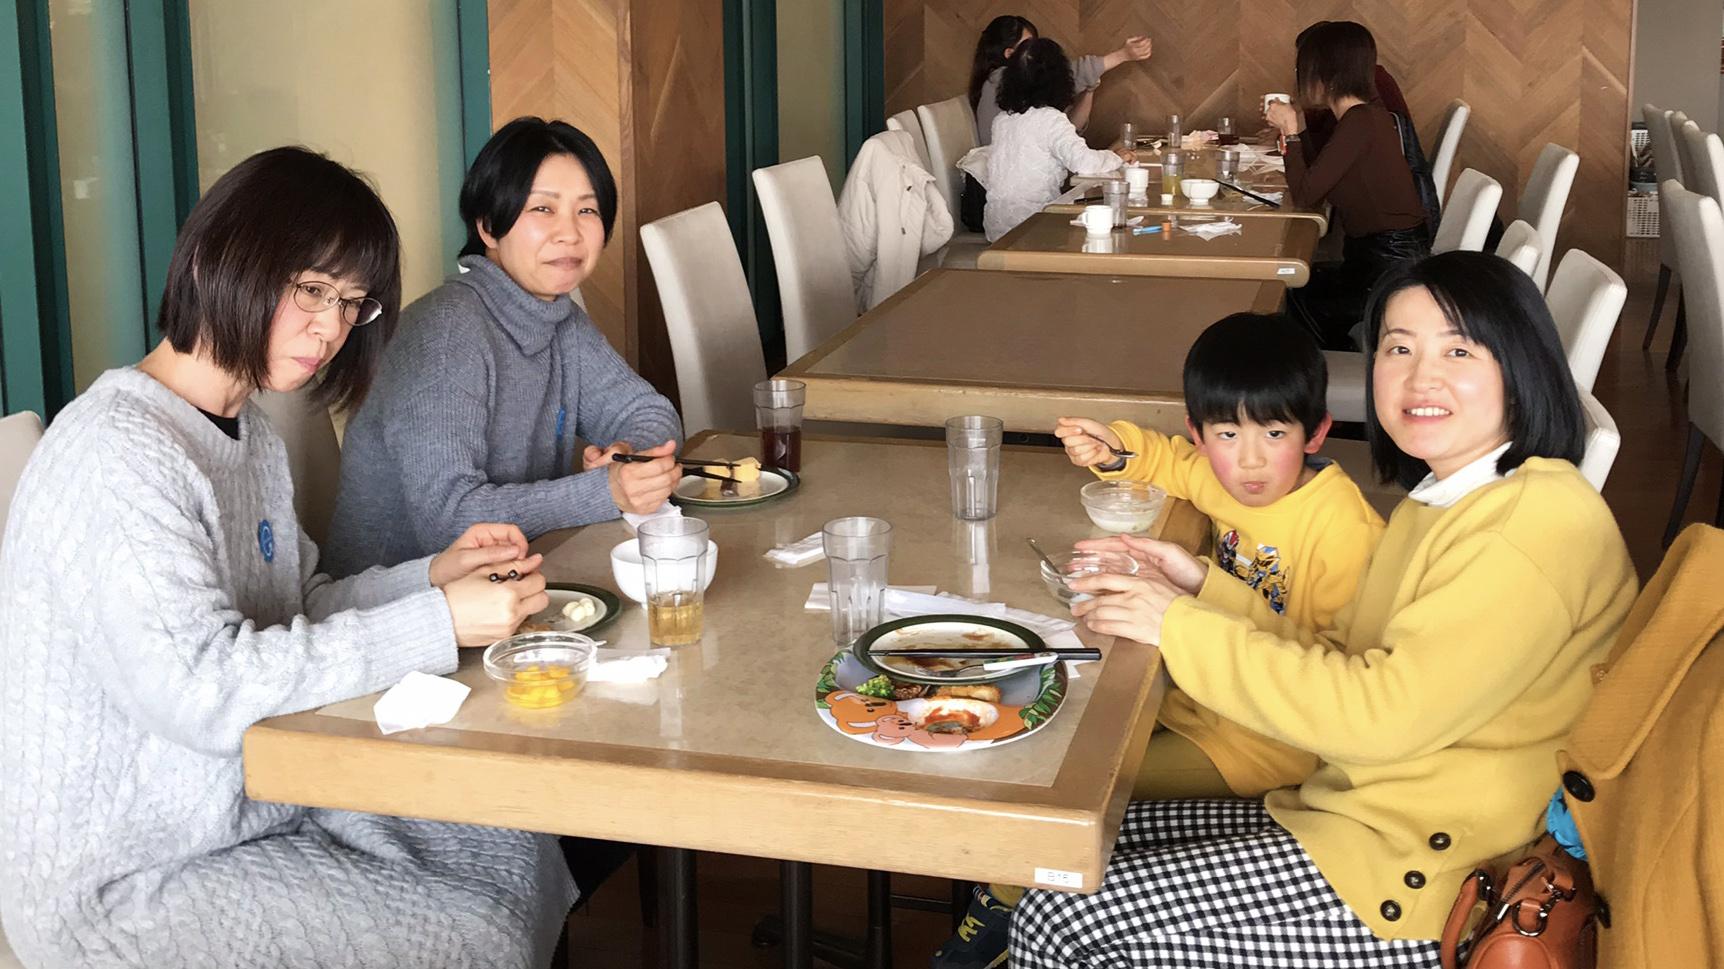 神奈川 大人気 箱根小涌園ユネッサンと箱根神社ツアー催行!